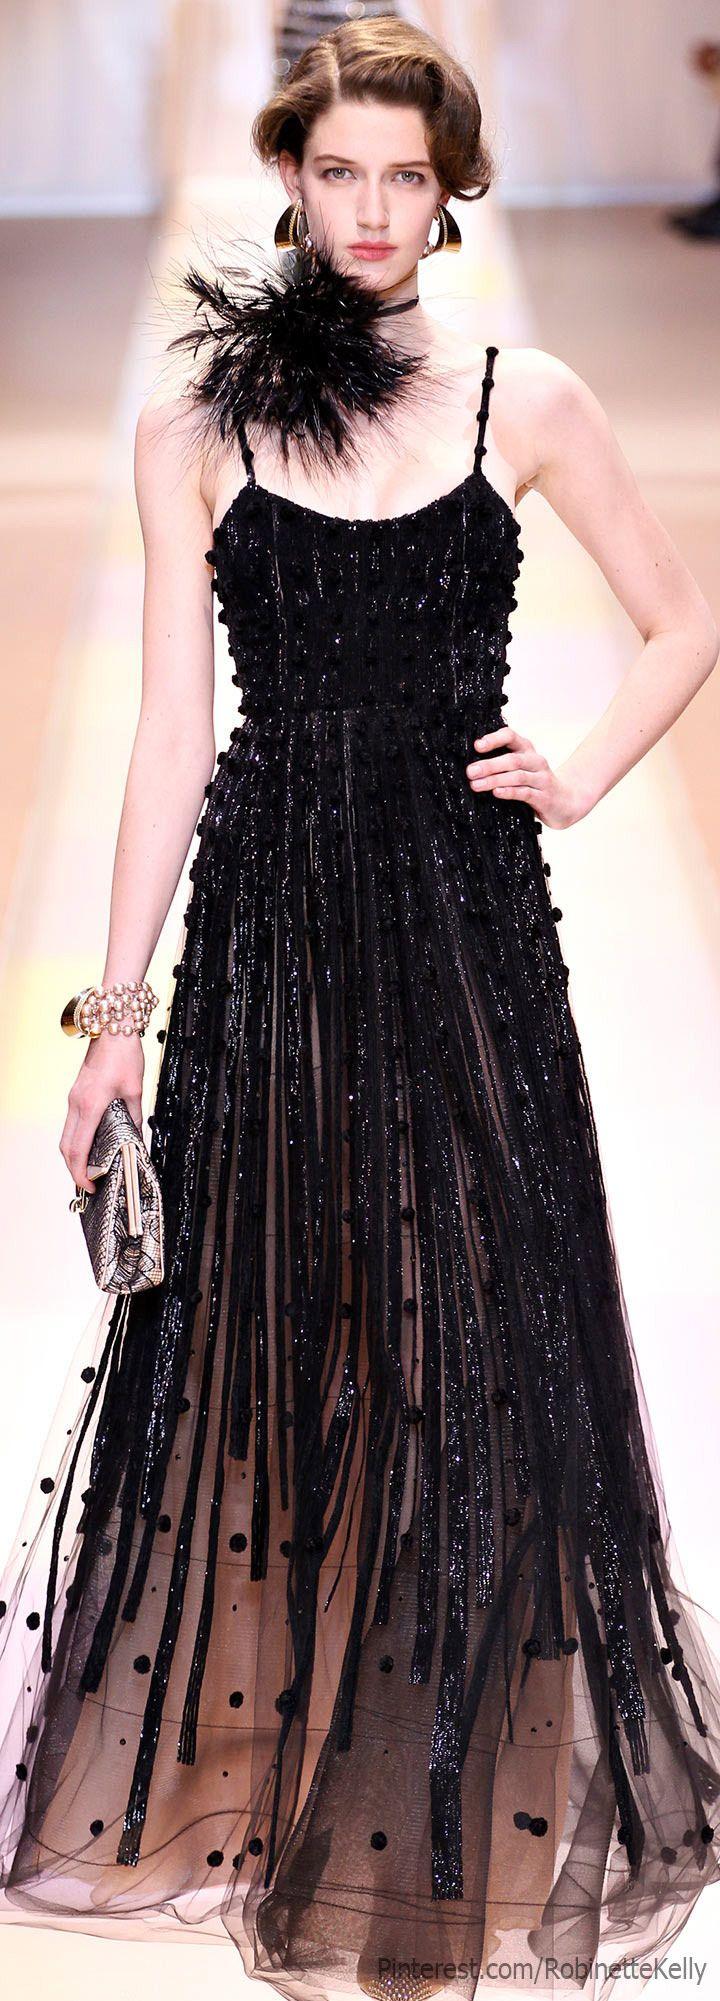 Die 254 besten Bilder zu Haute couture auf Pinterest | Haute couture ...